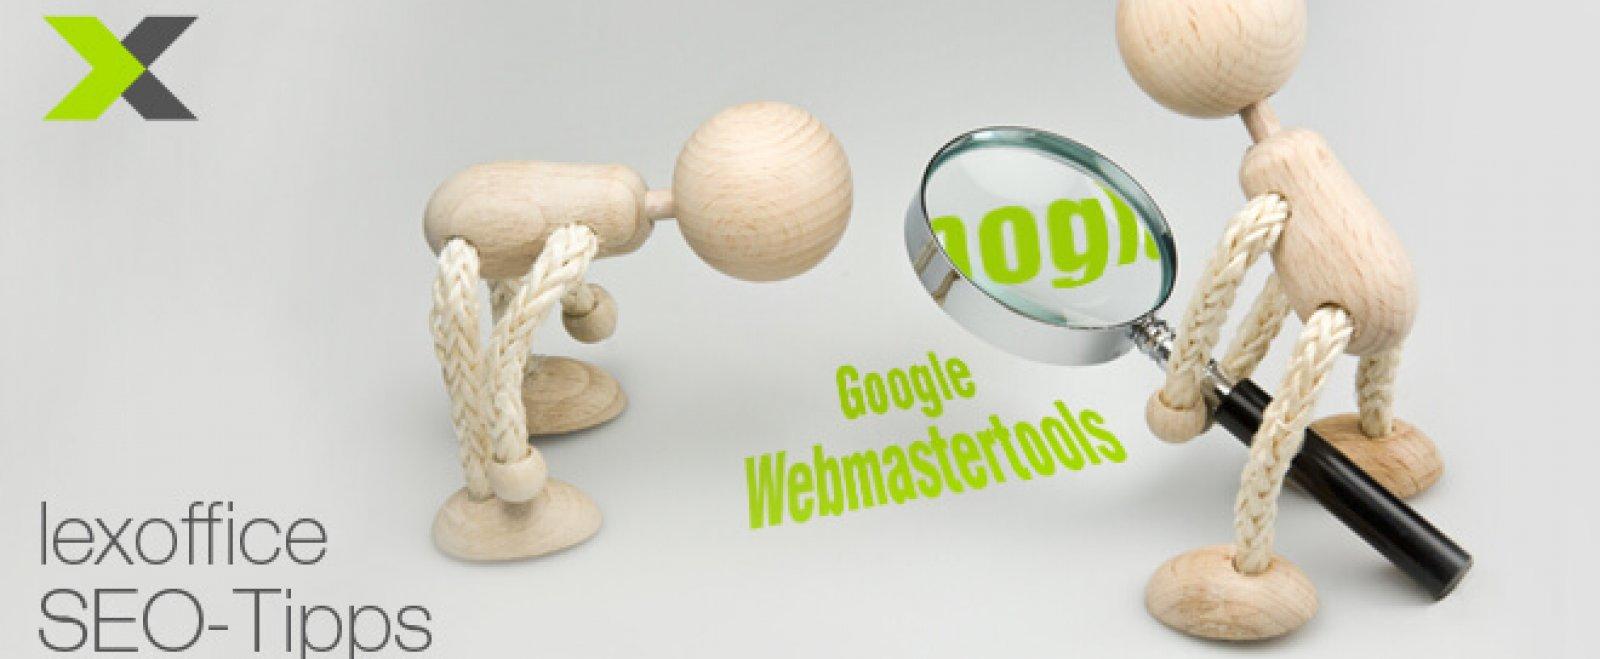 SEO-Tipps für Einsteiger: Google Webmaster-Tols